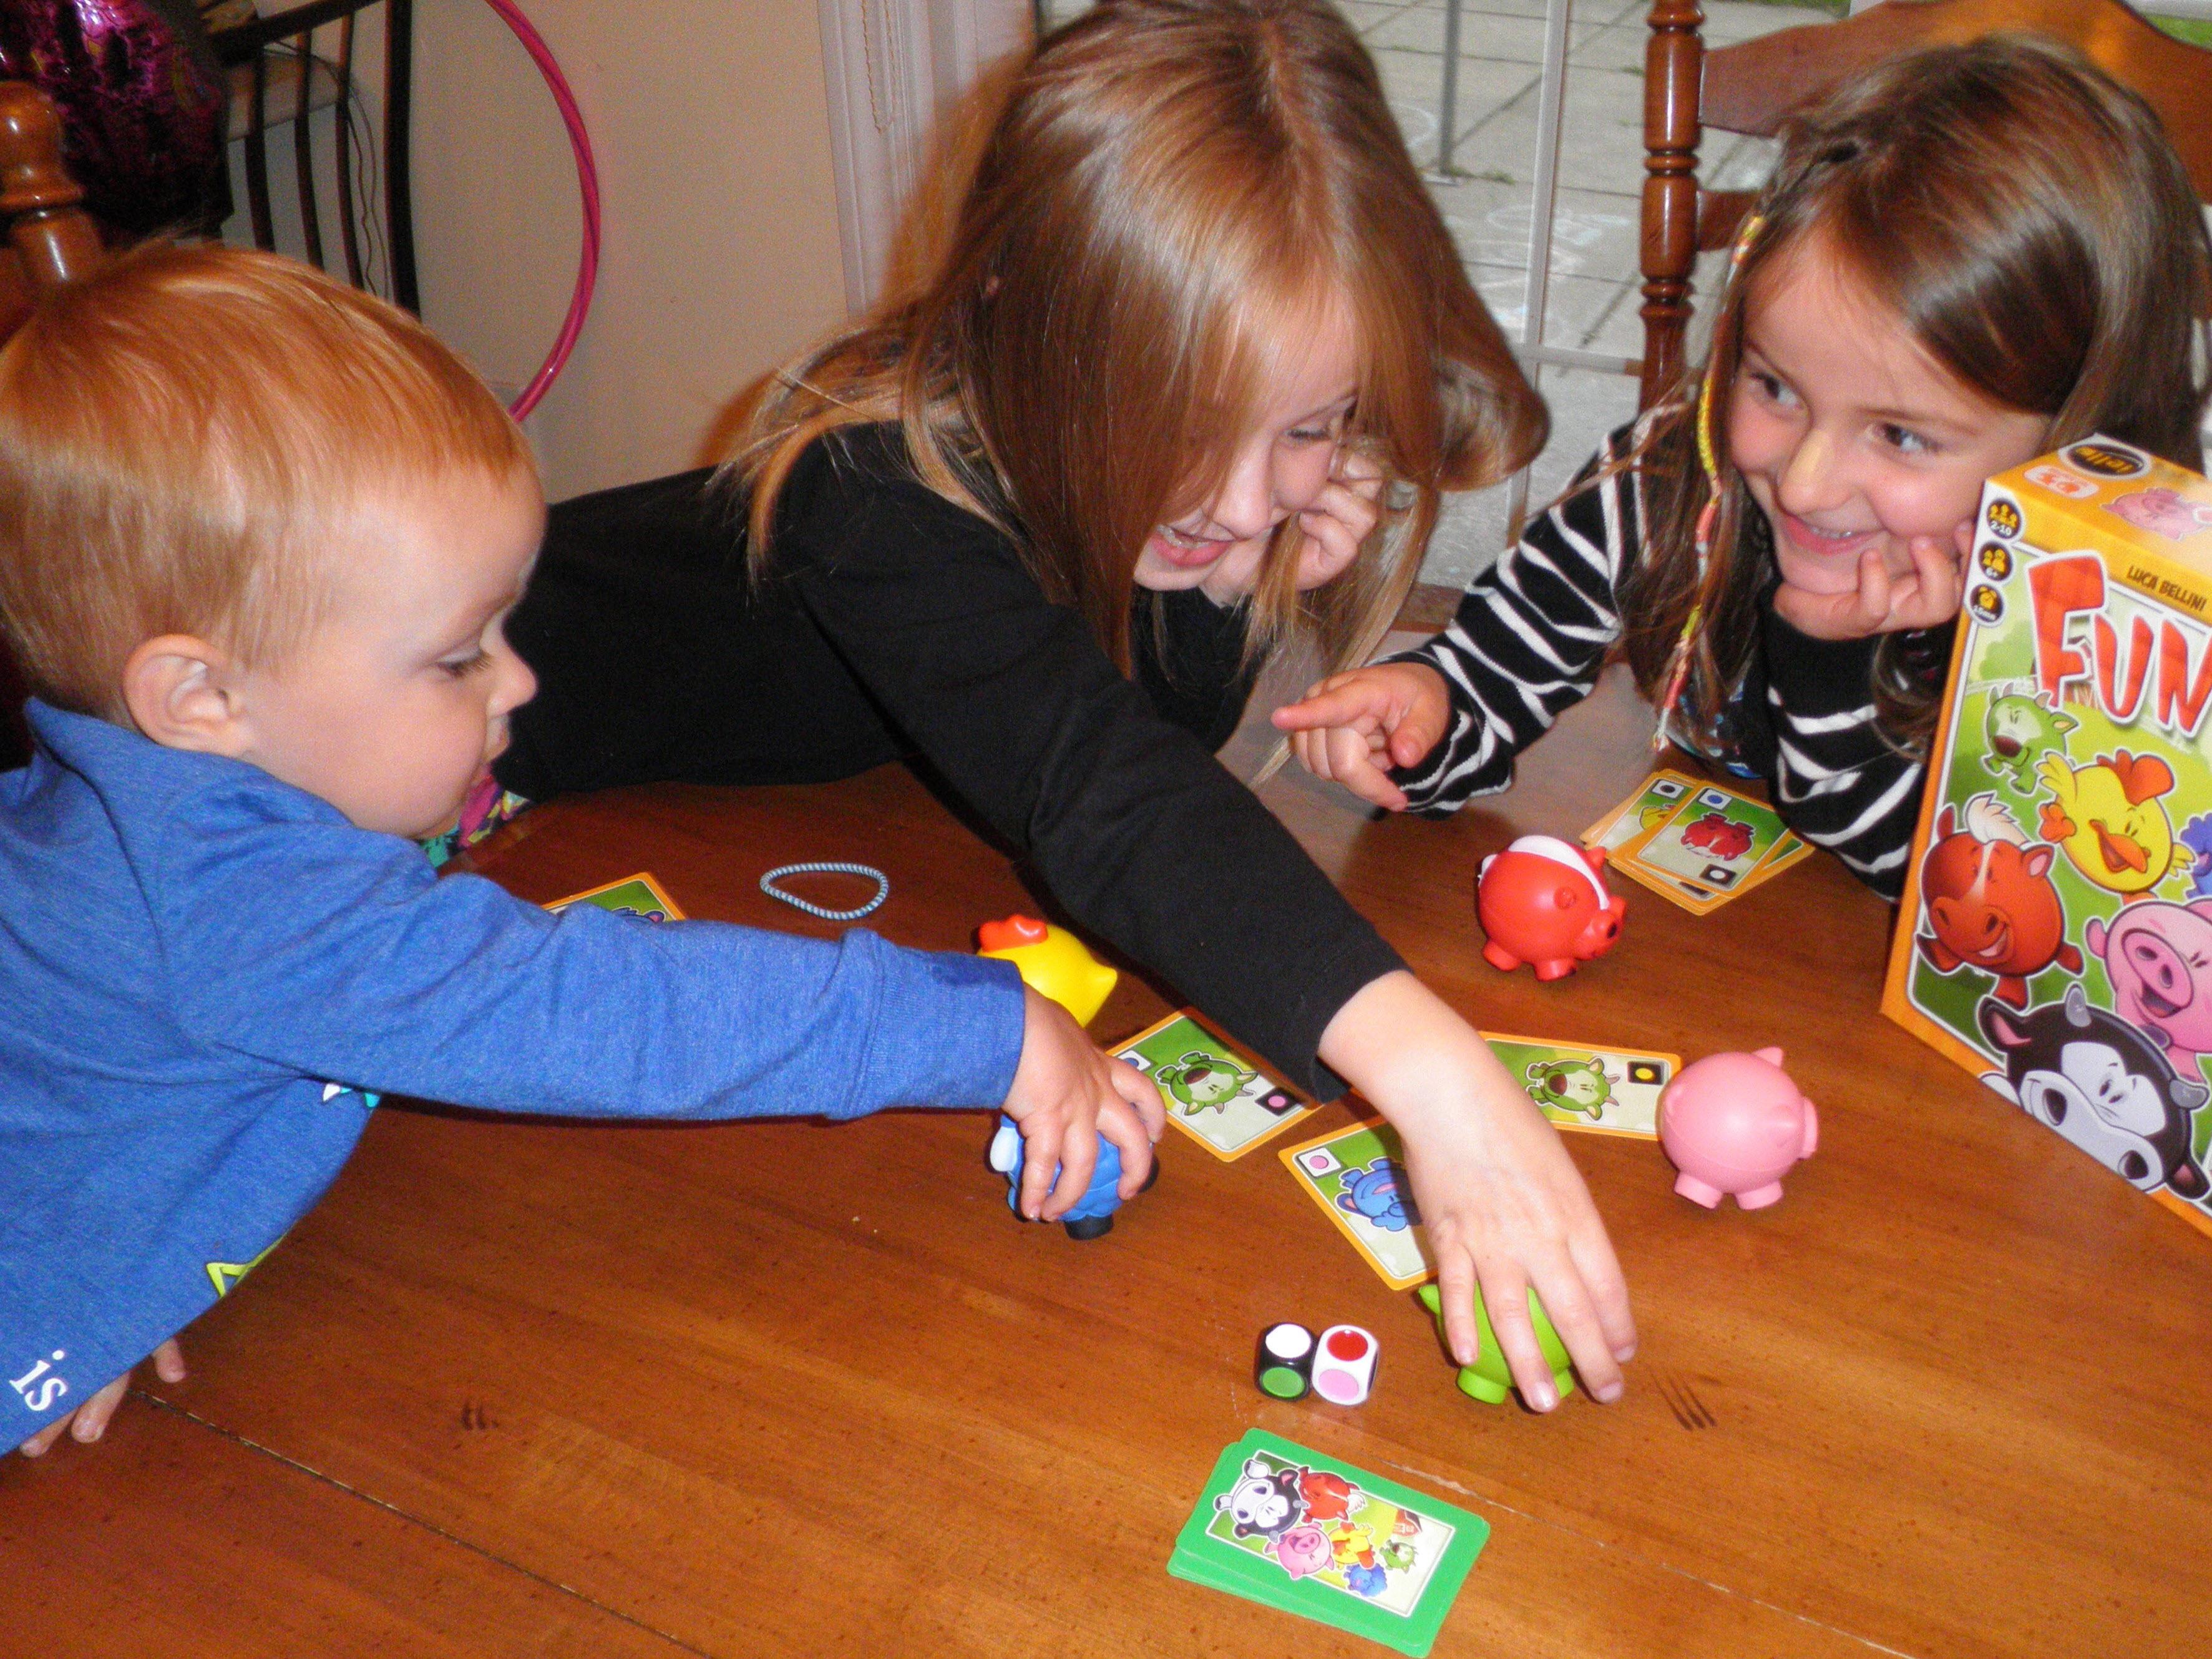 Quels Jouets Pour Les 3 À 5 Ans? dedans Jeux Pour Enfant De 5 Ans